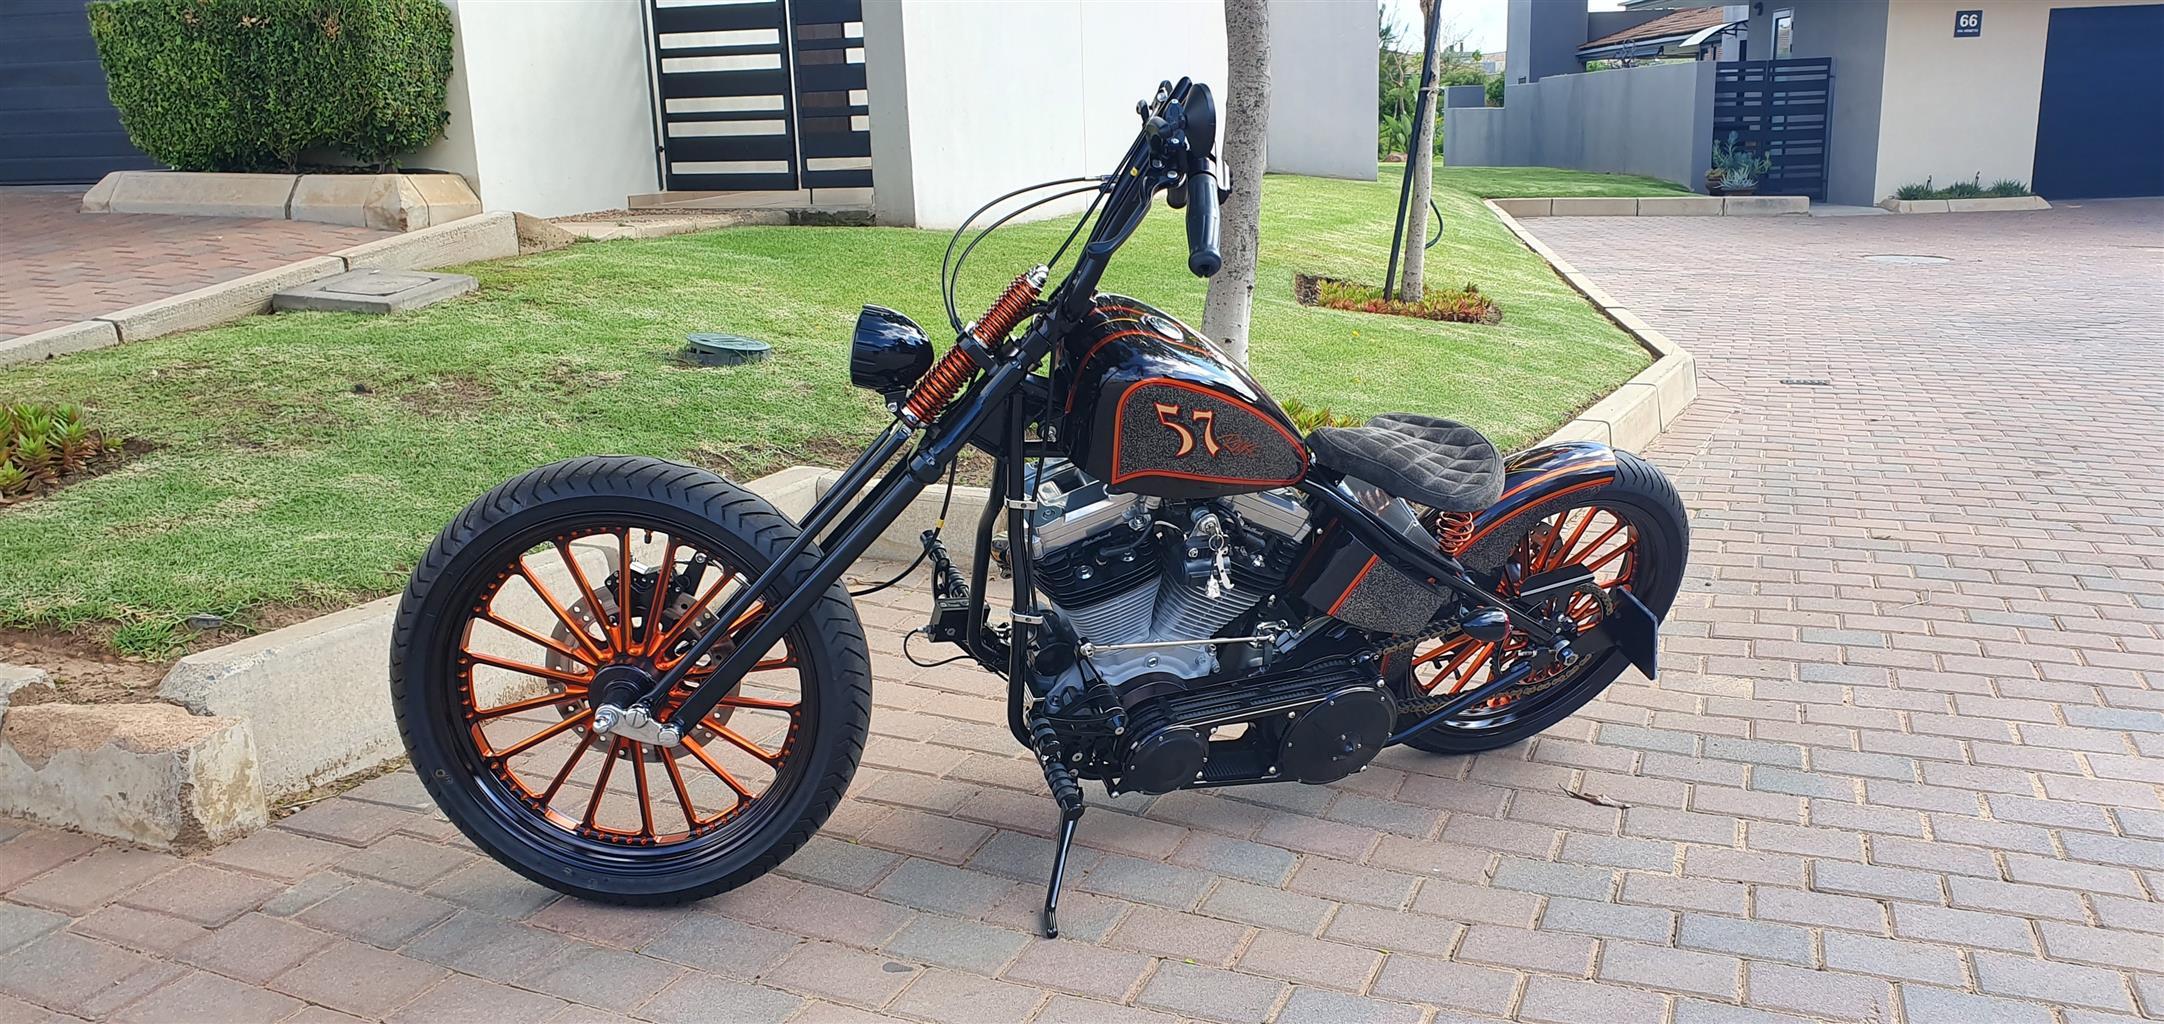 2008 Harley Davidson Custom